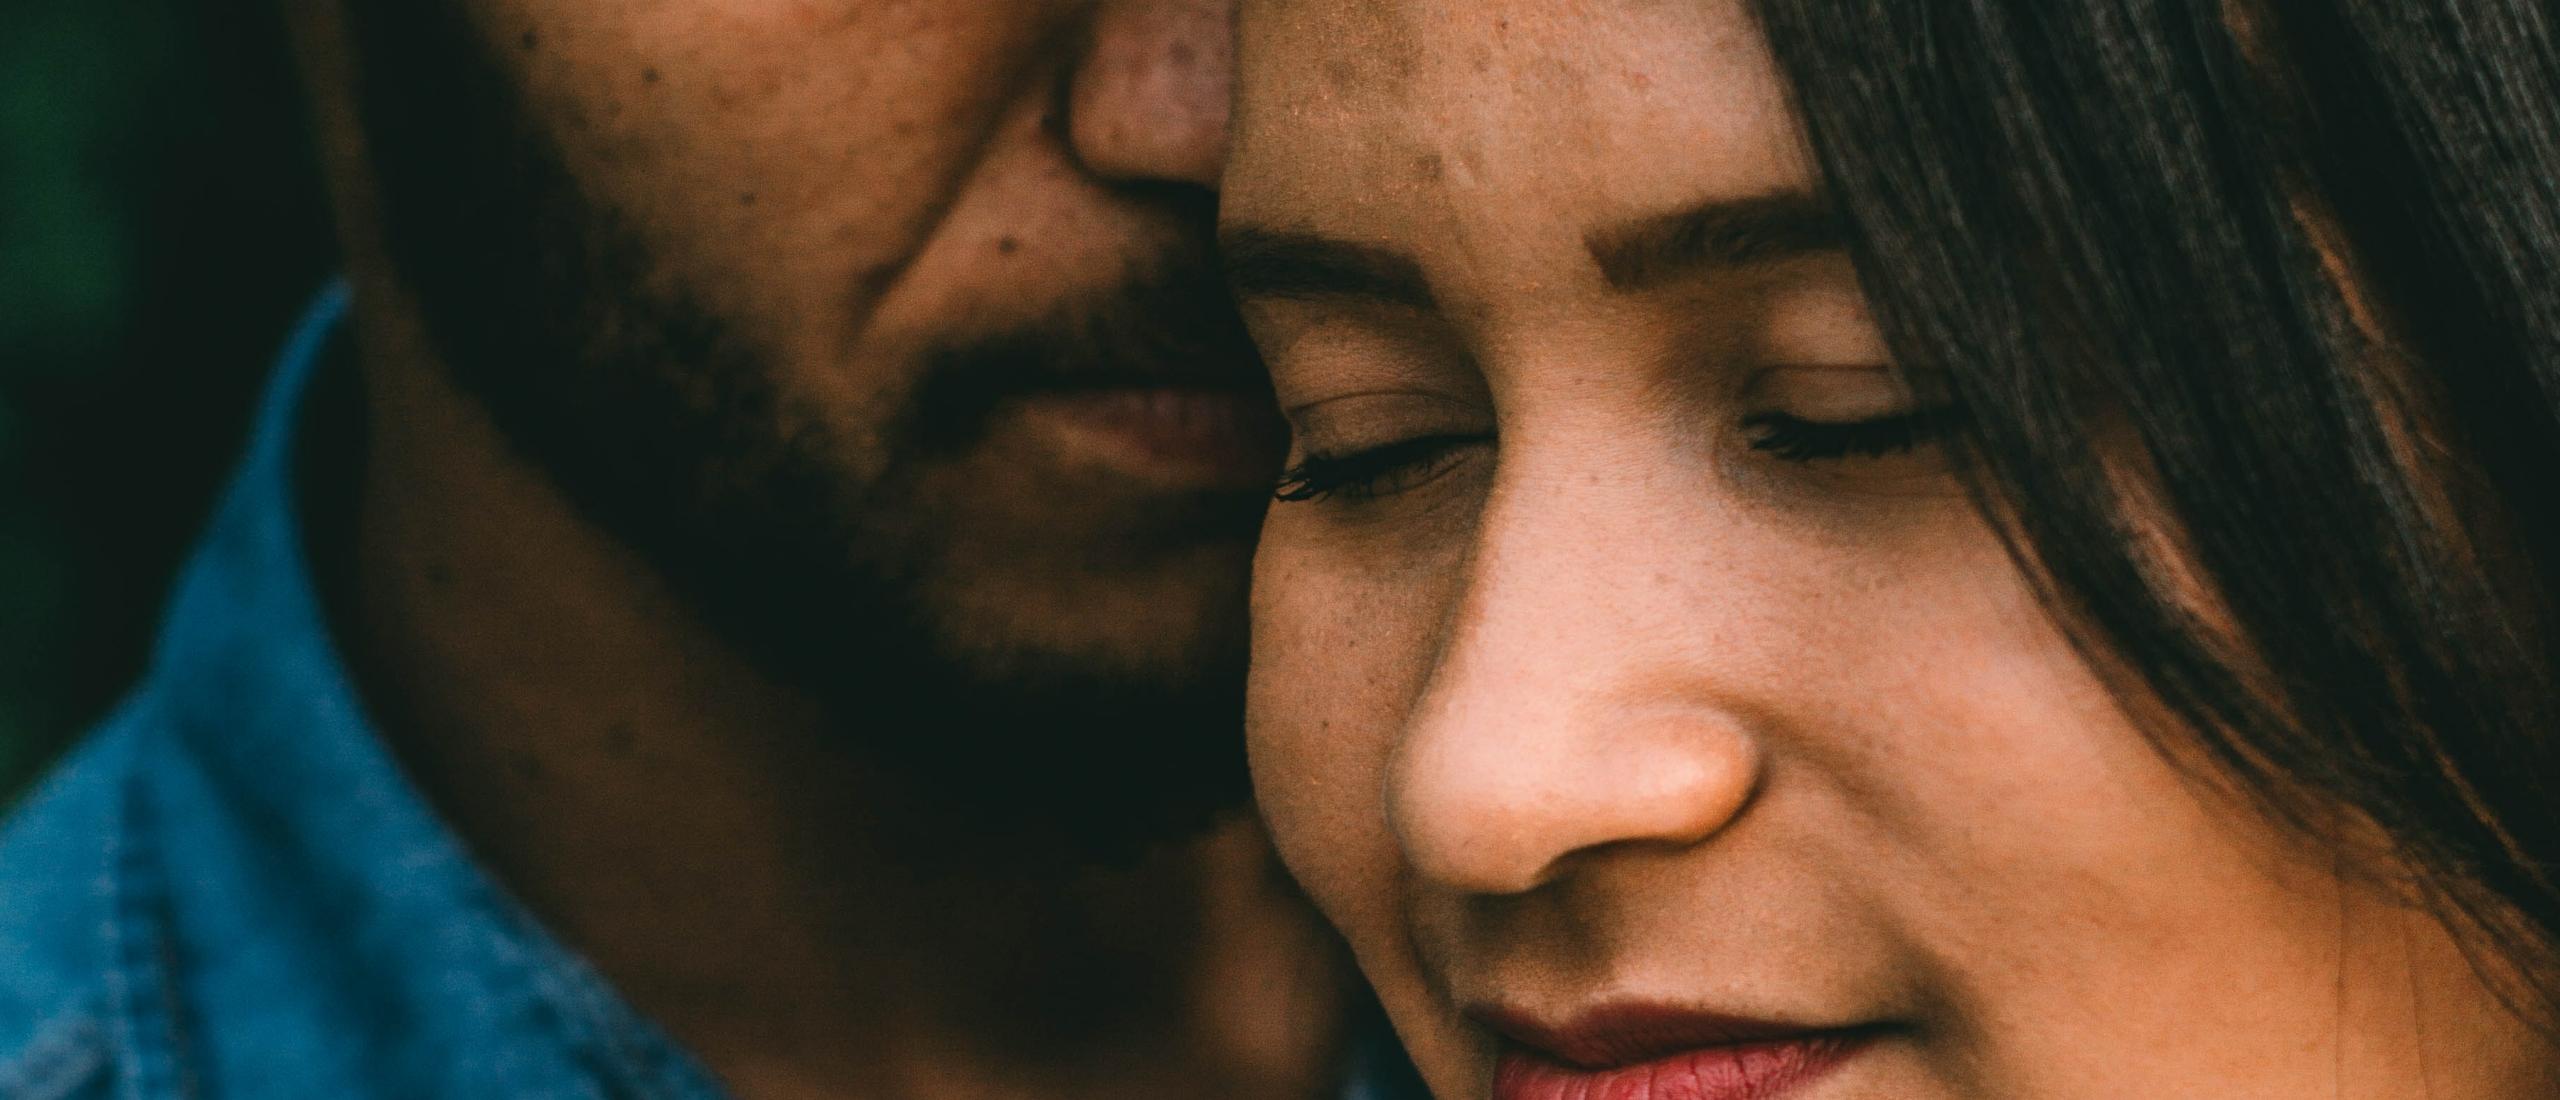 Verlangen naar intimiteit, verbinding en seks